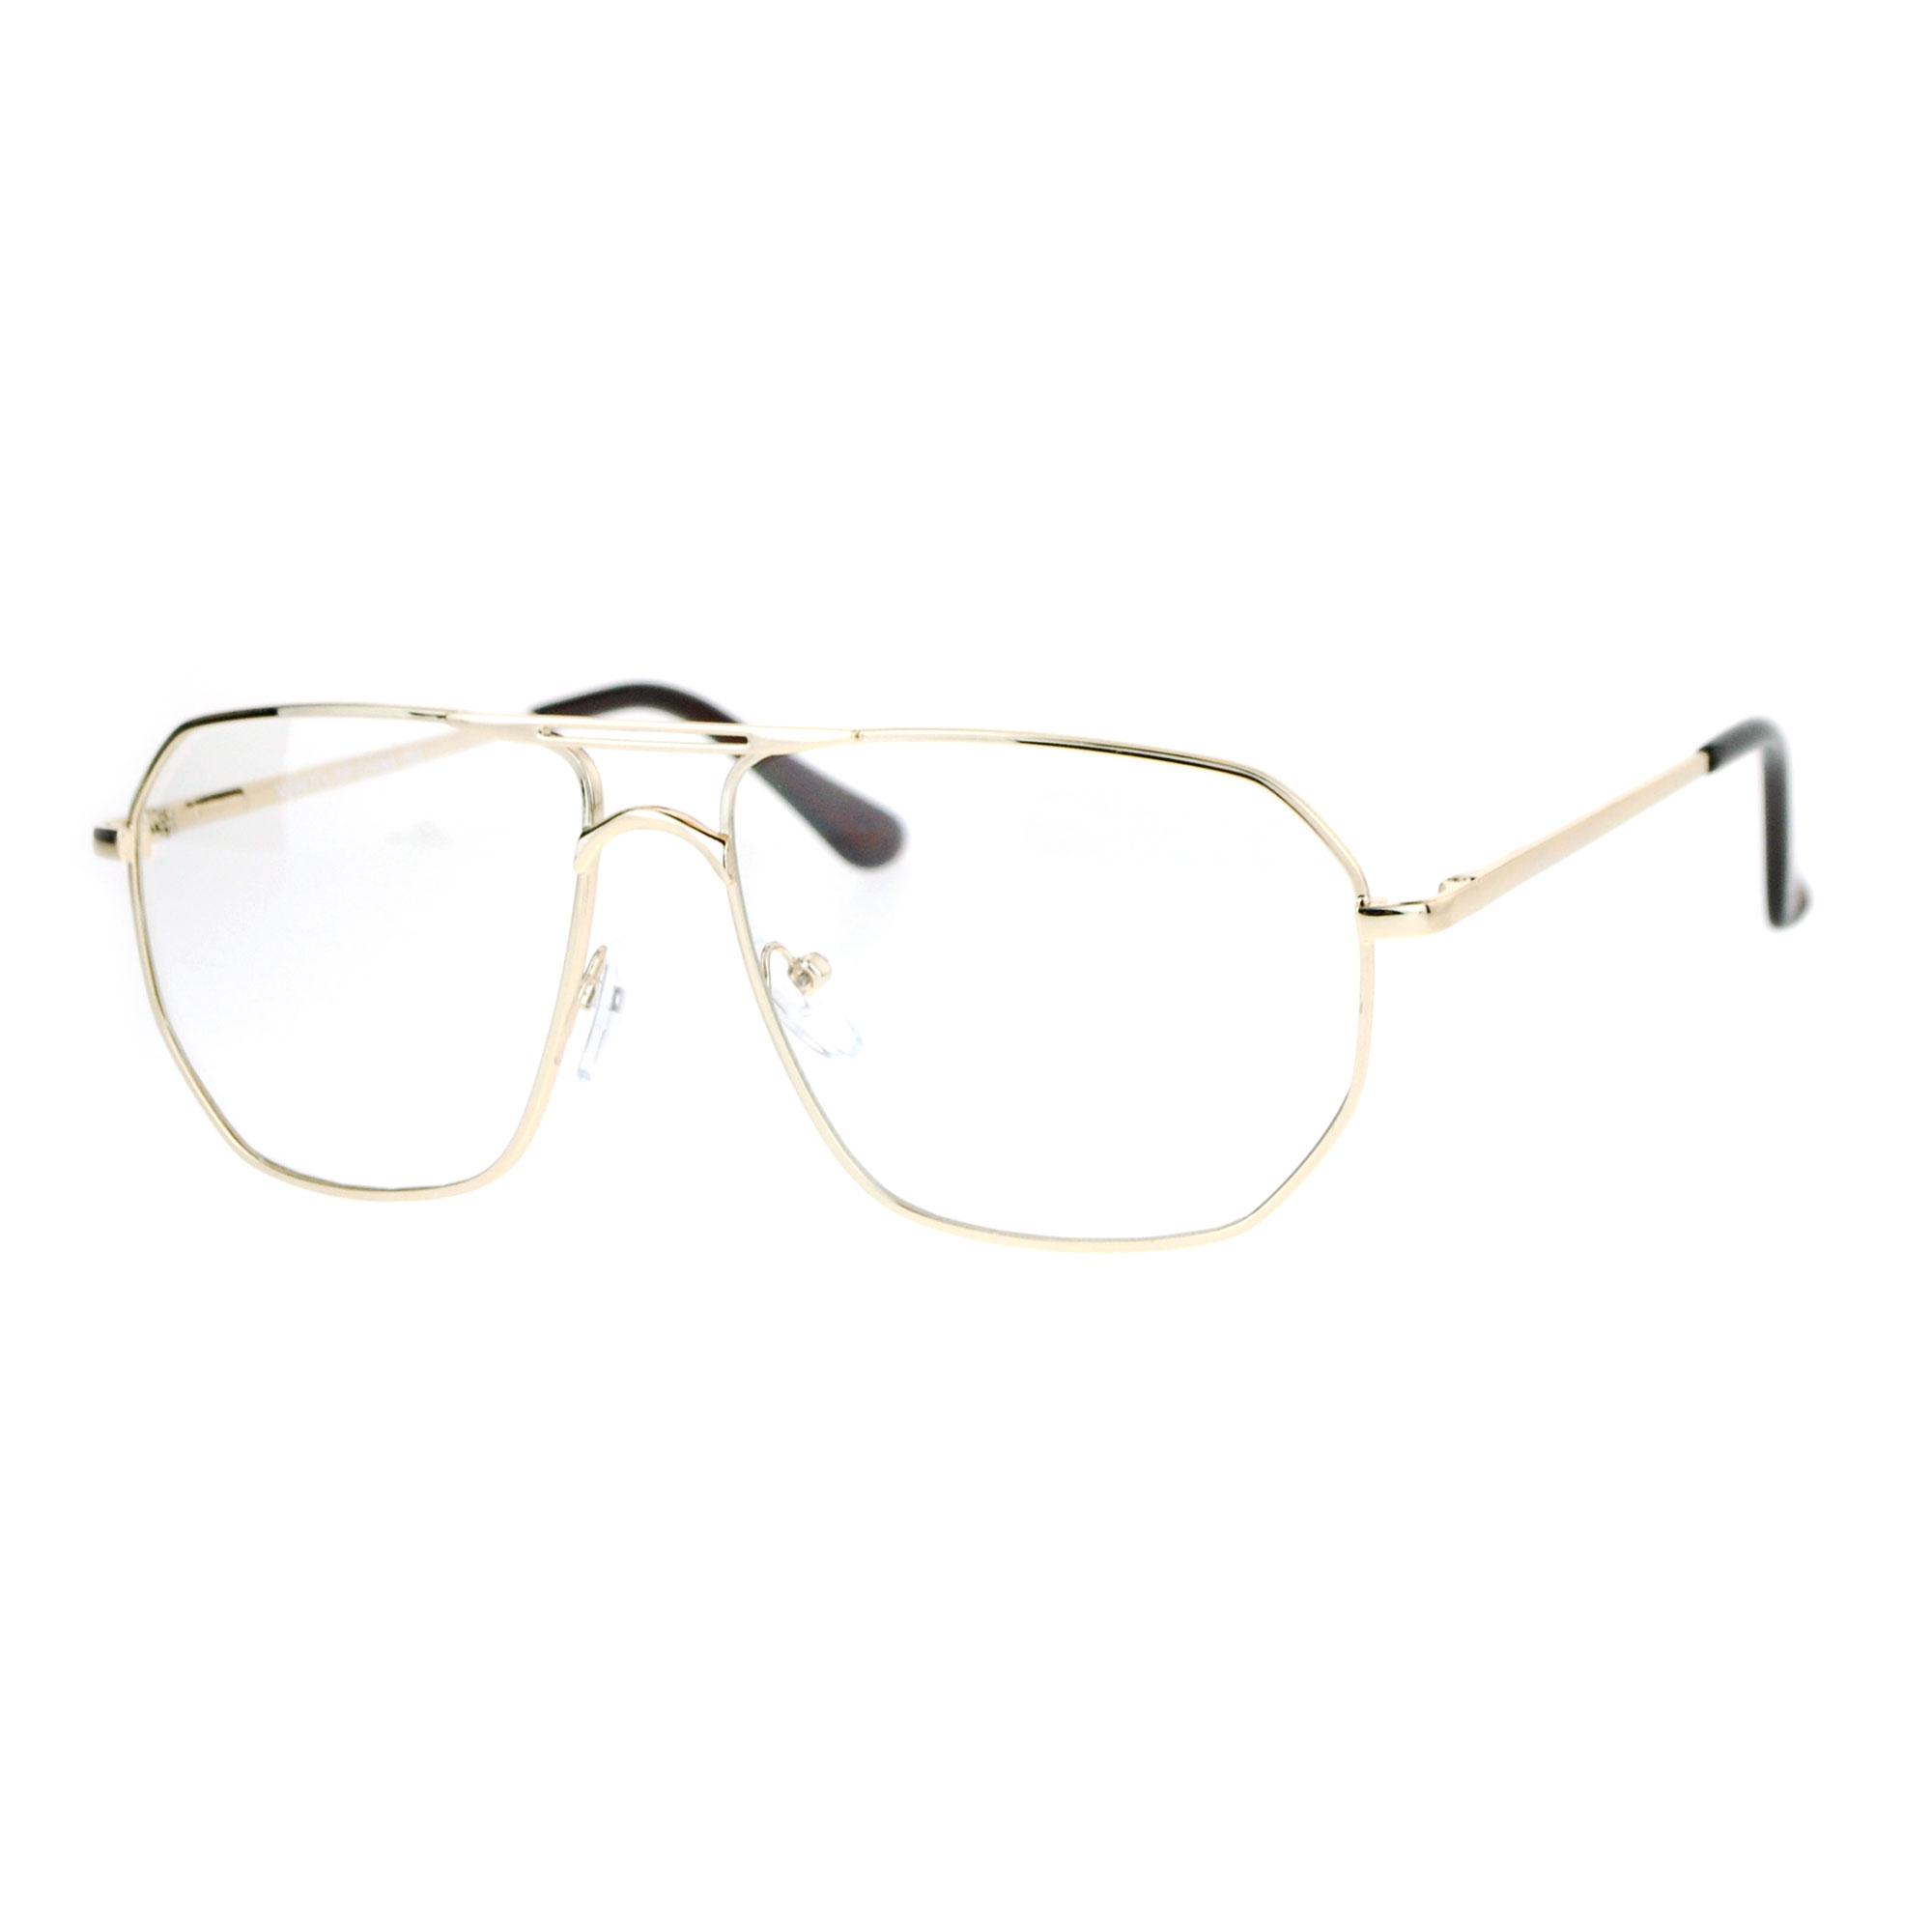 Mens Hipster Eyeglass Frames : SA106 Mens Hipster Geeky Nerd Large Aviator Eye Glasses eBay